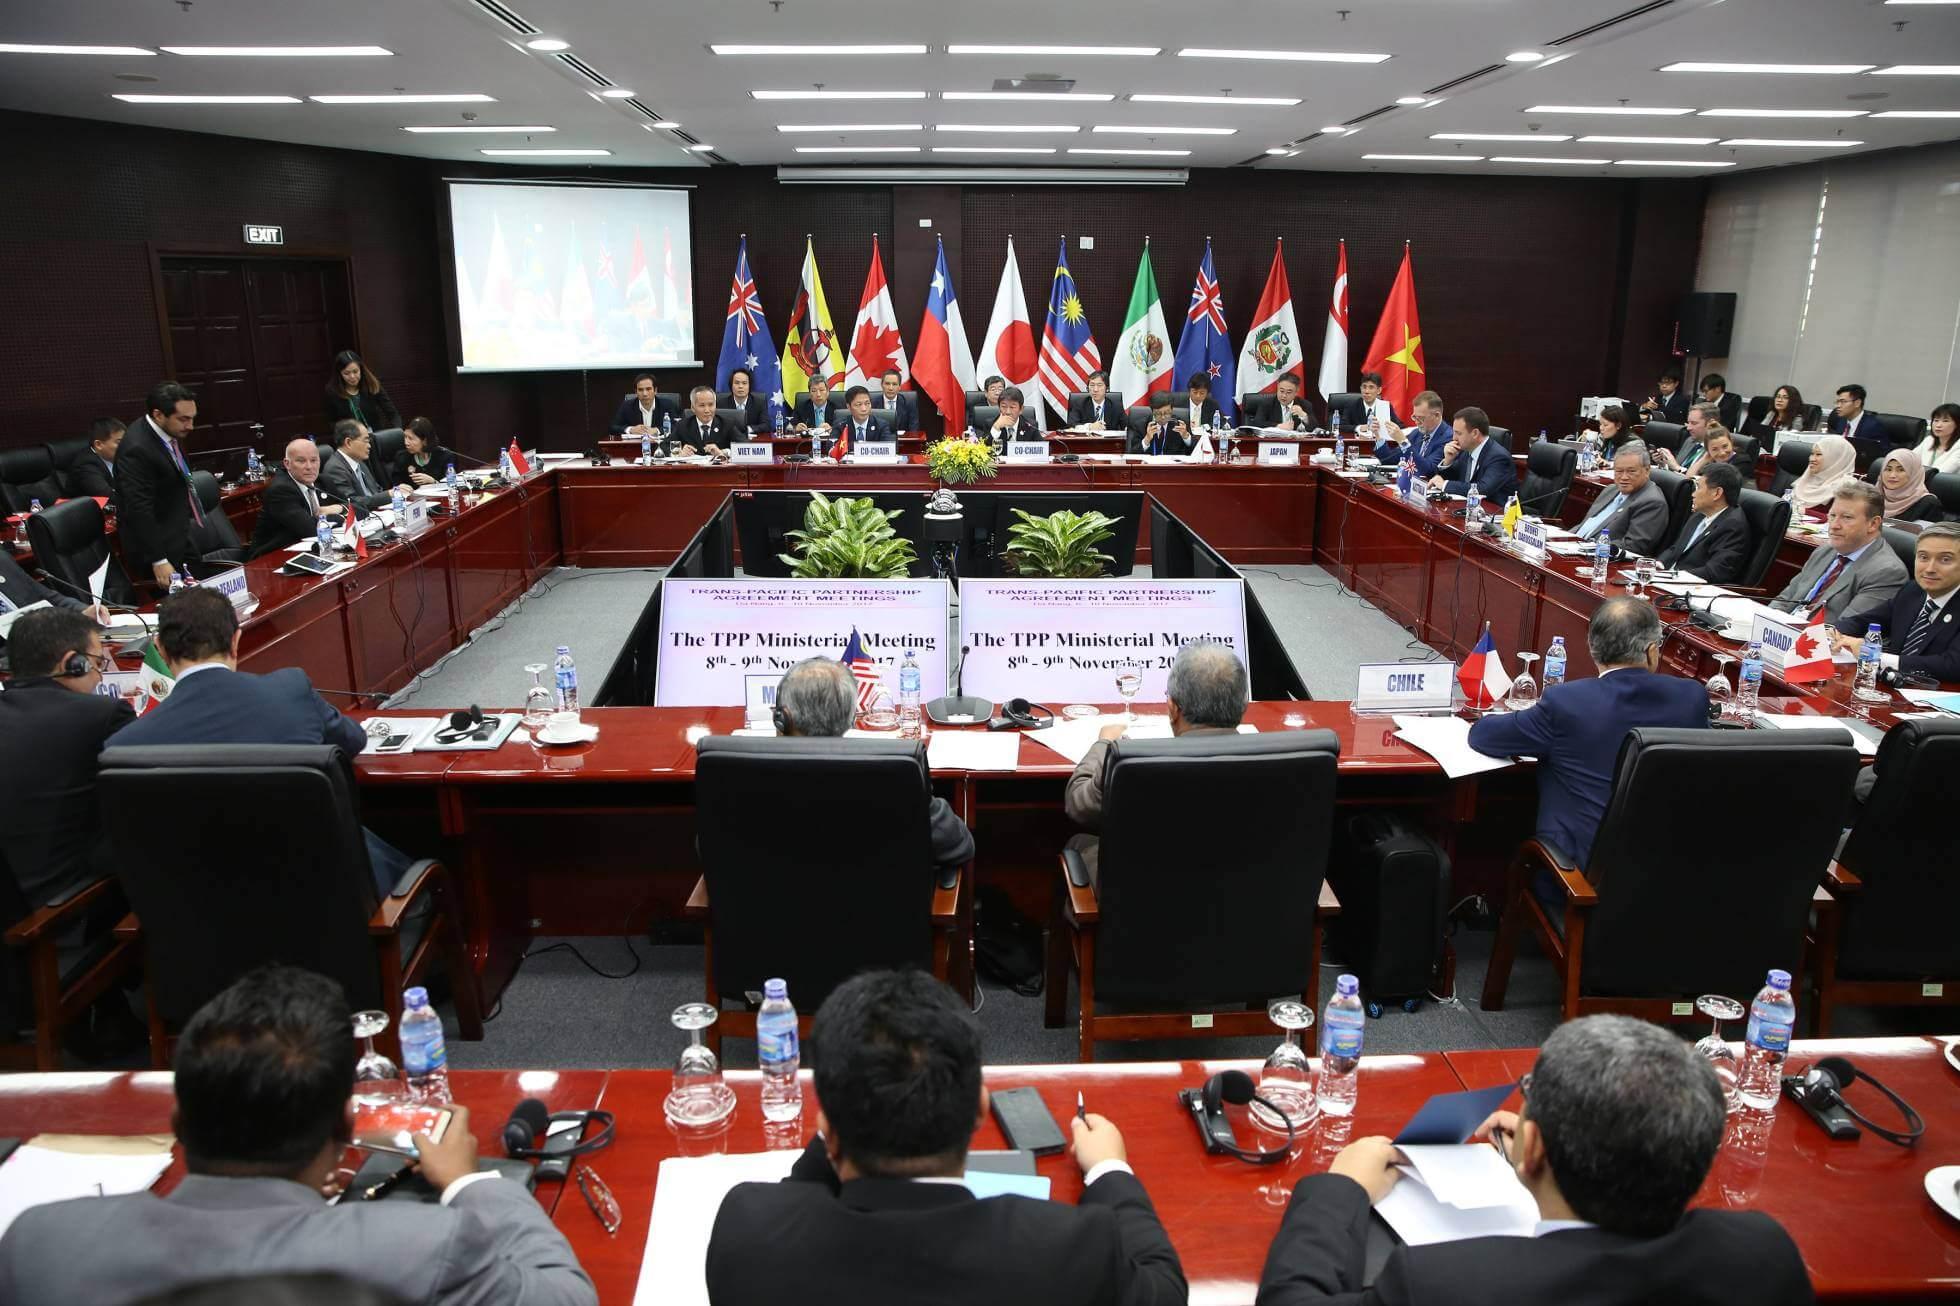 Ministros de comercio de los once países integrantes del Acuerdo Transpacífico en la ciudad de Danang (Vietnam) el 9 de noviembre de 2017. NA SON NGUYEN Getty Images